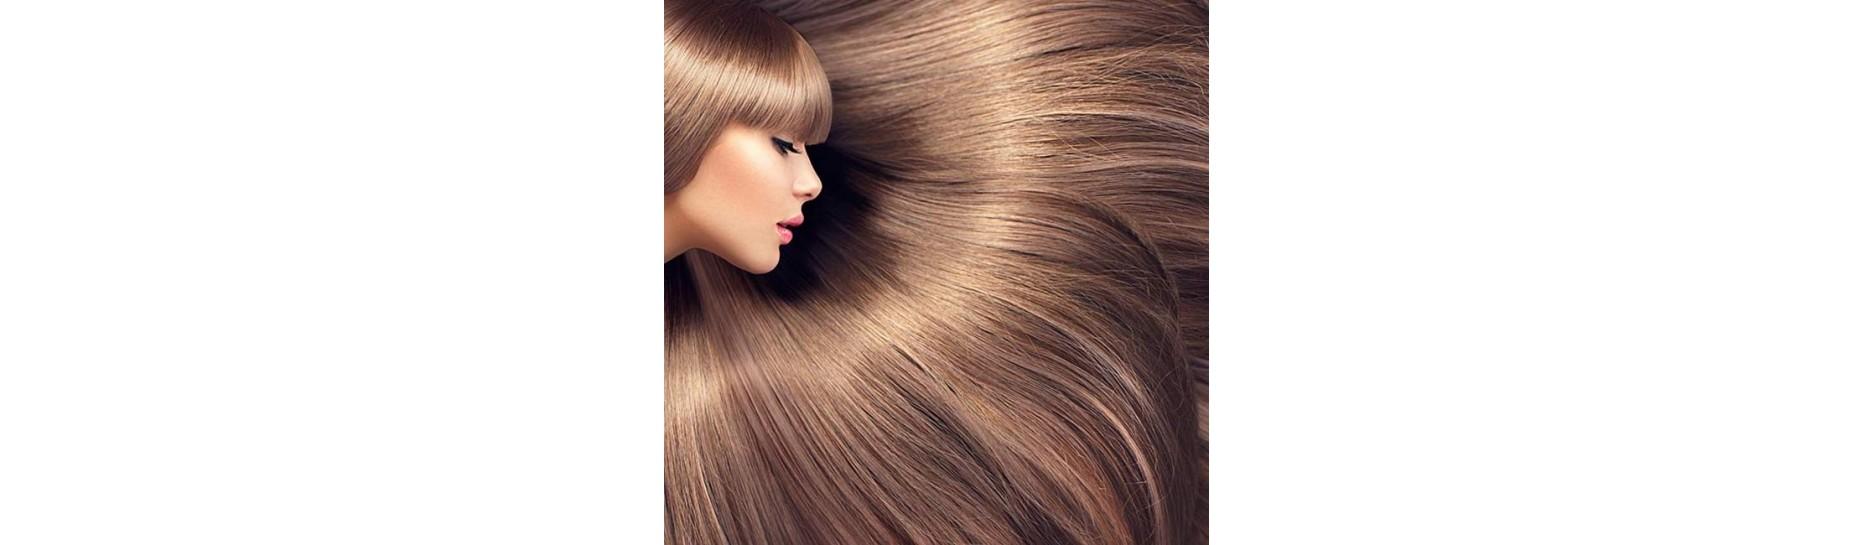 Prodotti cosmetici naturali contro la caduta dei capelli